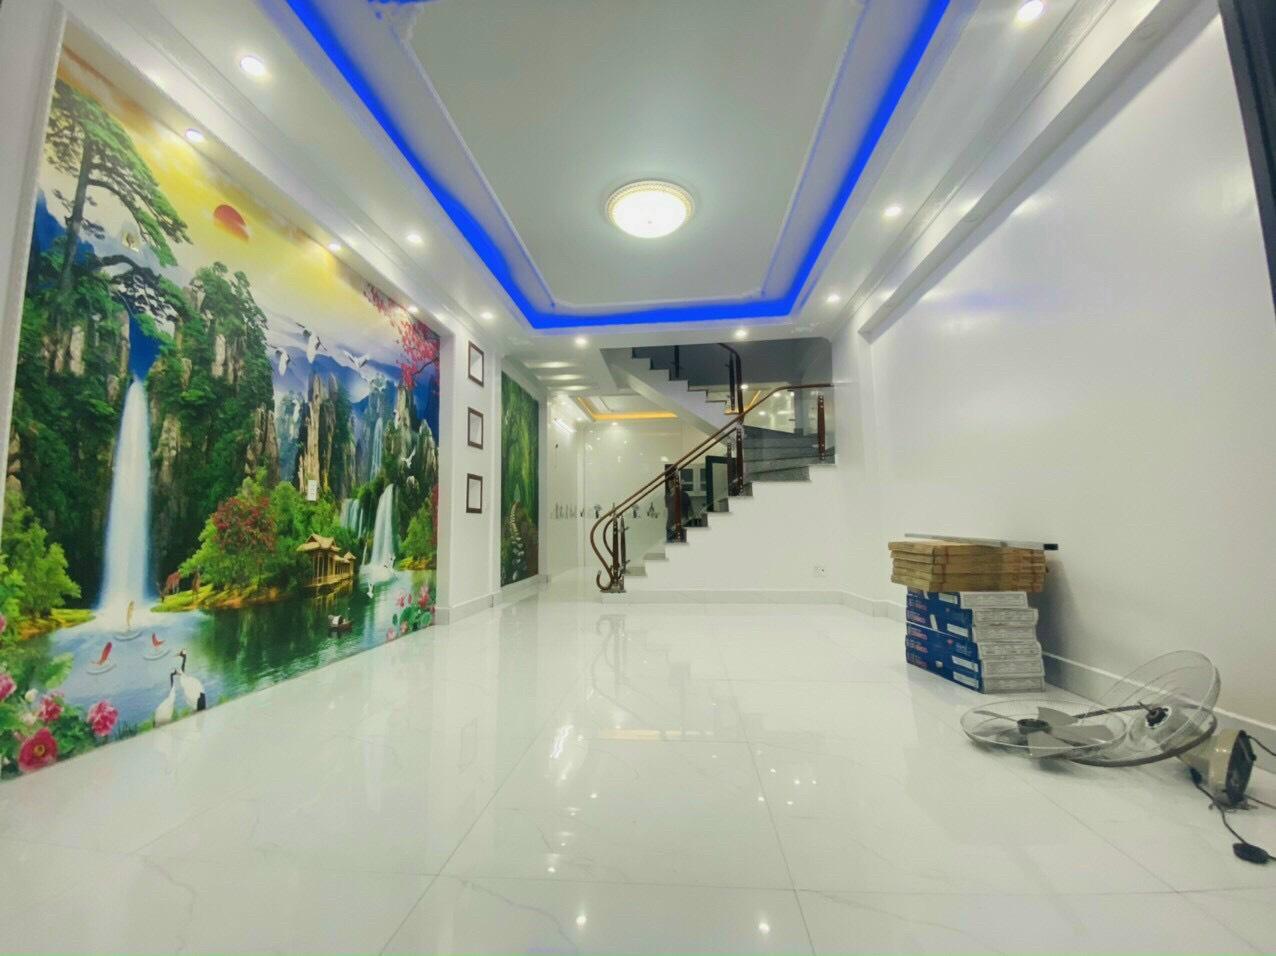 Bán gấp nhà 4 tầng mặt ngõ đường Bùi Thị Từ Nhiên, Đông Hải 1, Hải An, Hải Phòng.